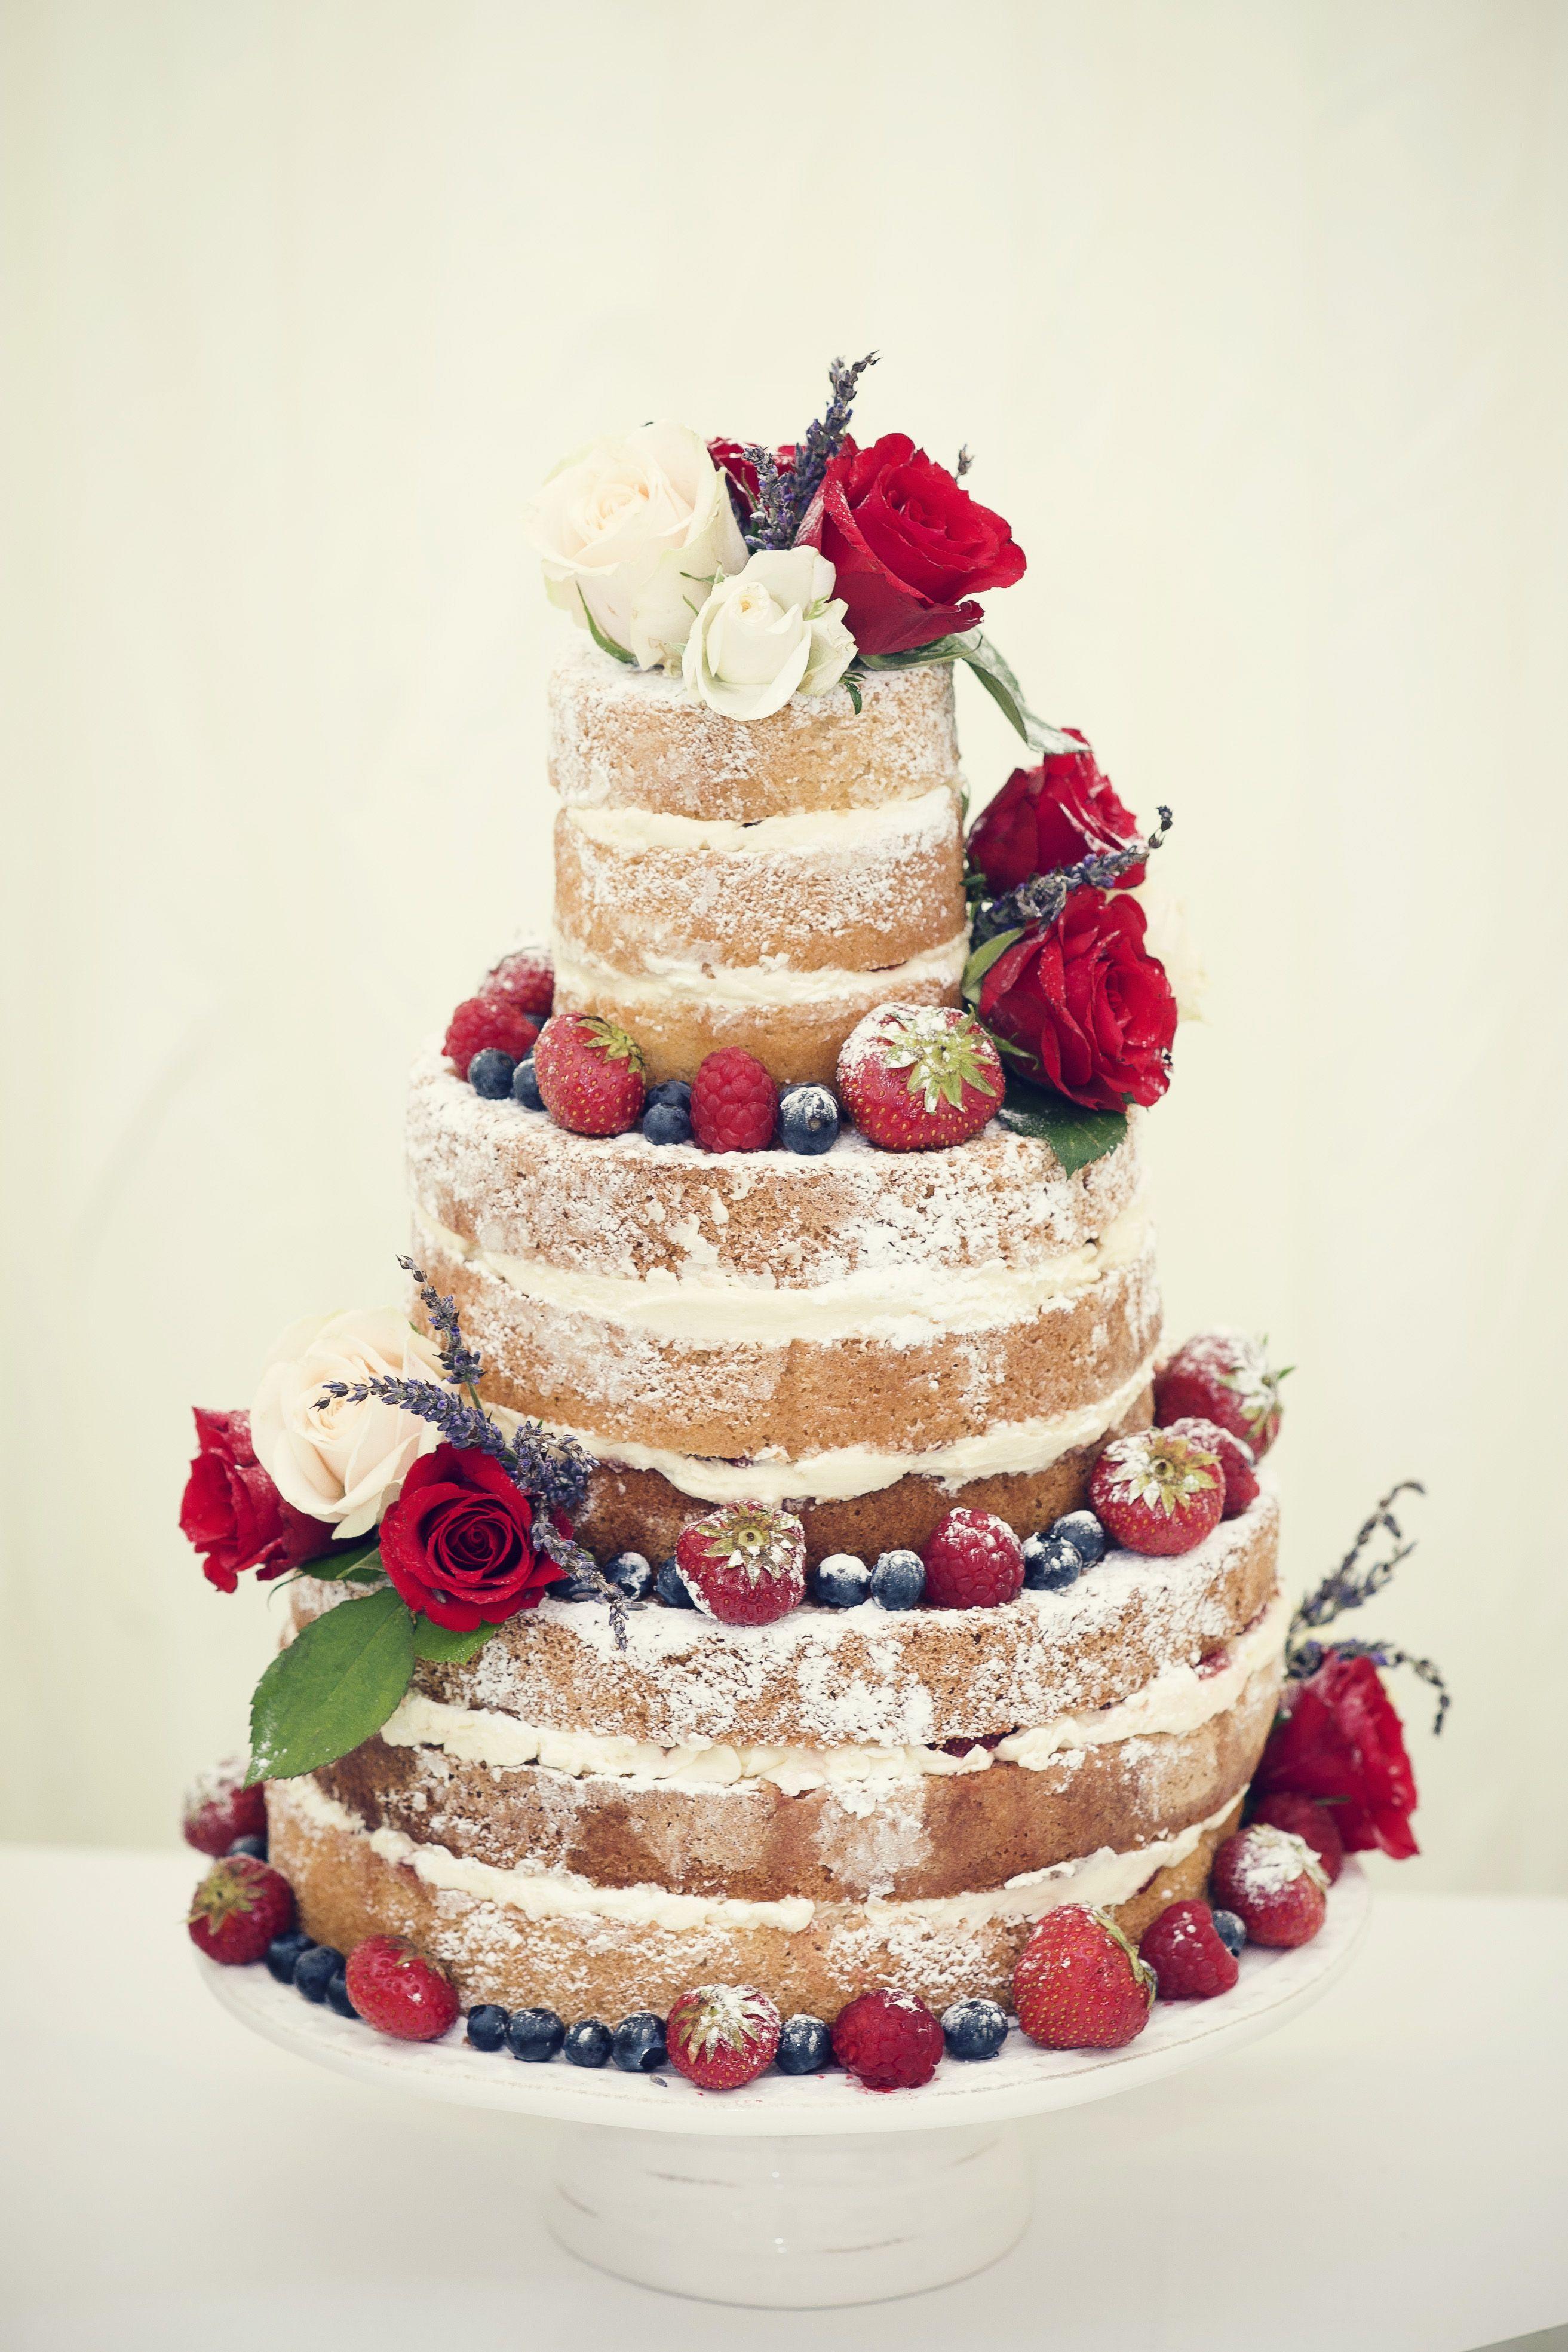 Cake by http://www.frenchmade.co.uk #rustic #cake #vintage #nakedcake #vanillasponge #weddingcake